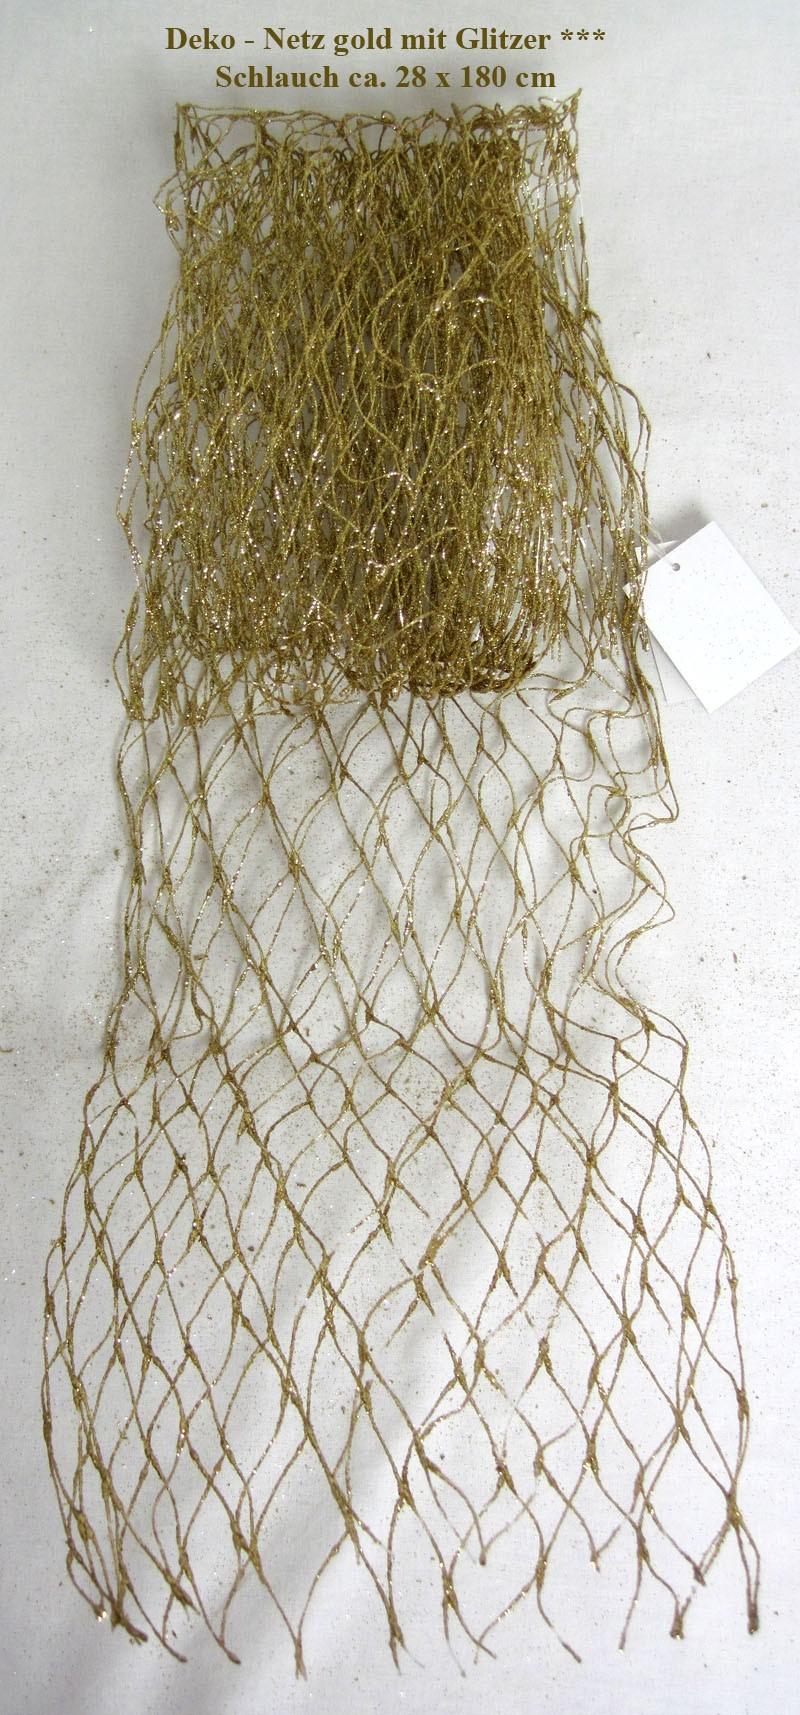 Deko-Netz gold mit Glitzer als Schlauch ca. 28 x 180 cm (B x L) Kunststoff